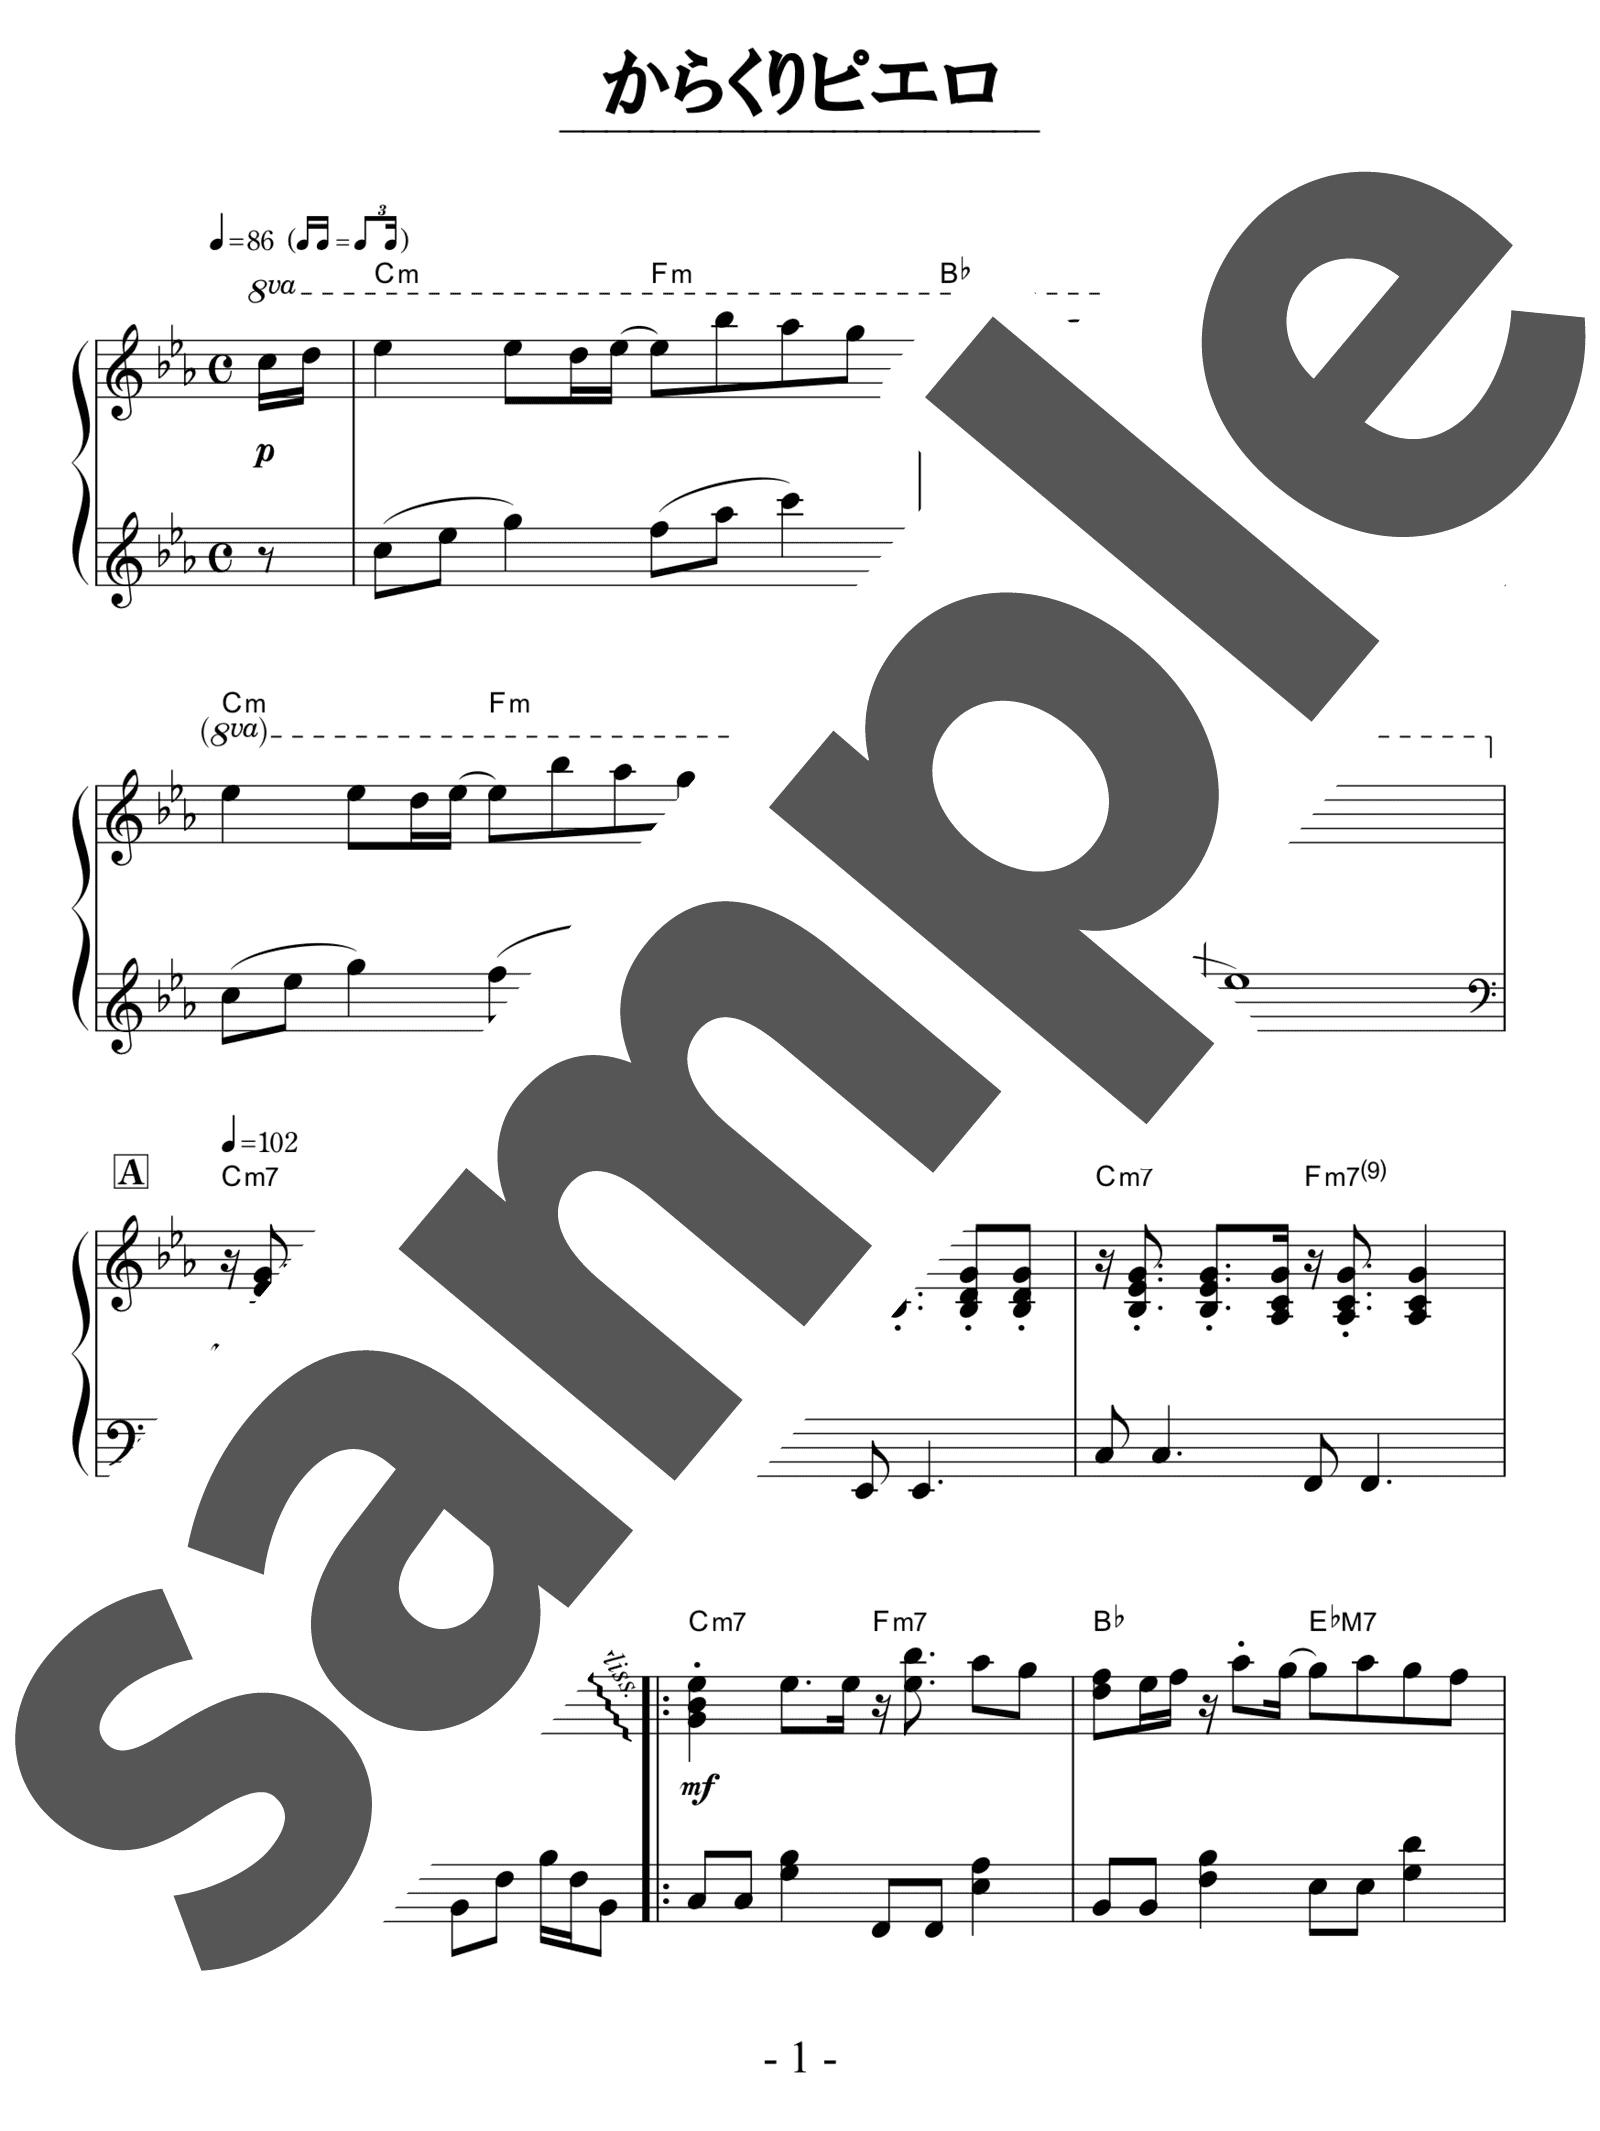 「からくりピエロ」のサンプル楽譜